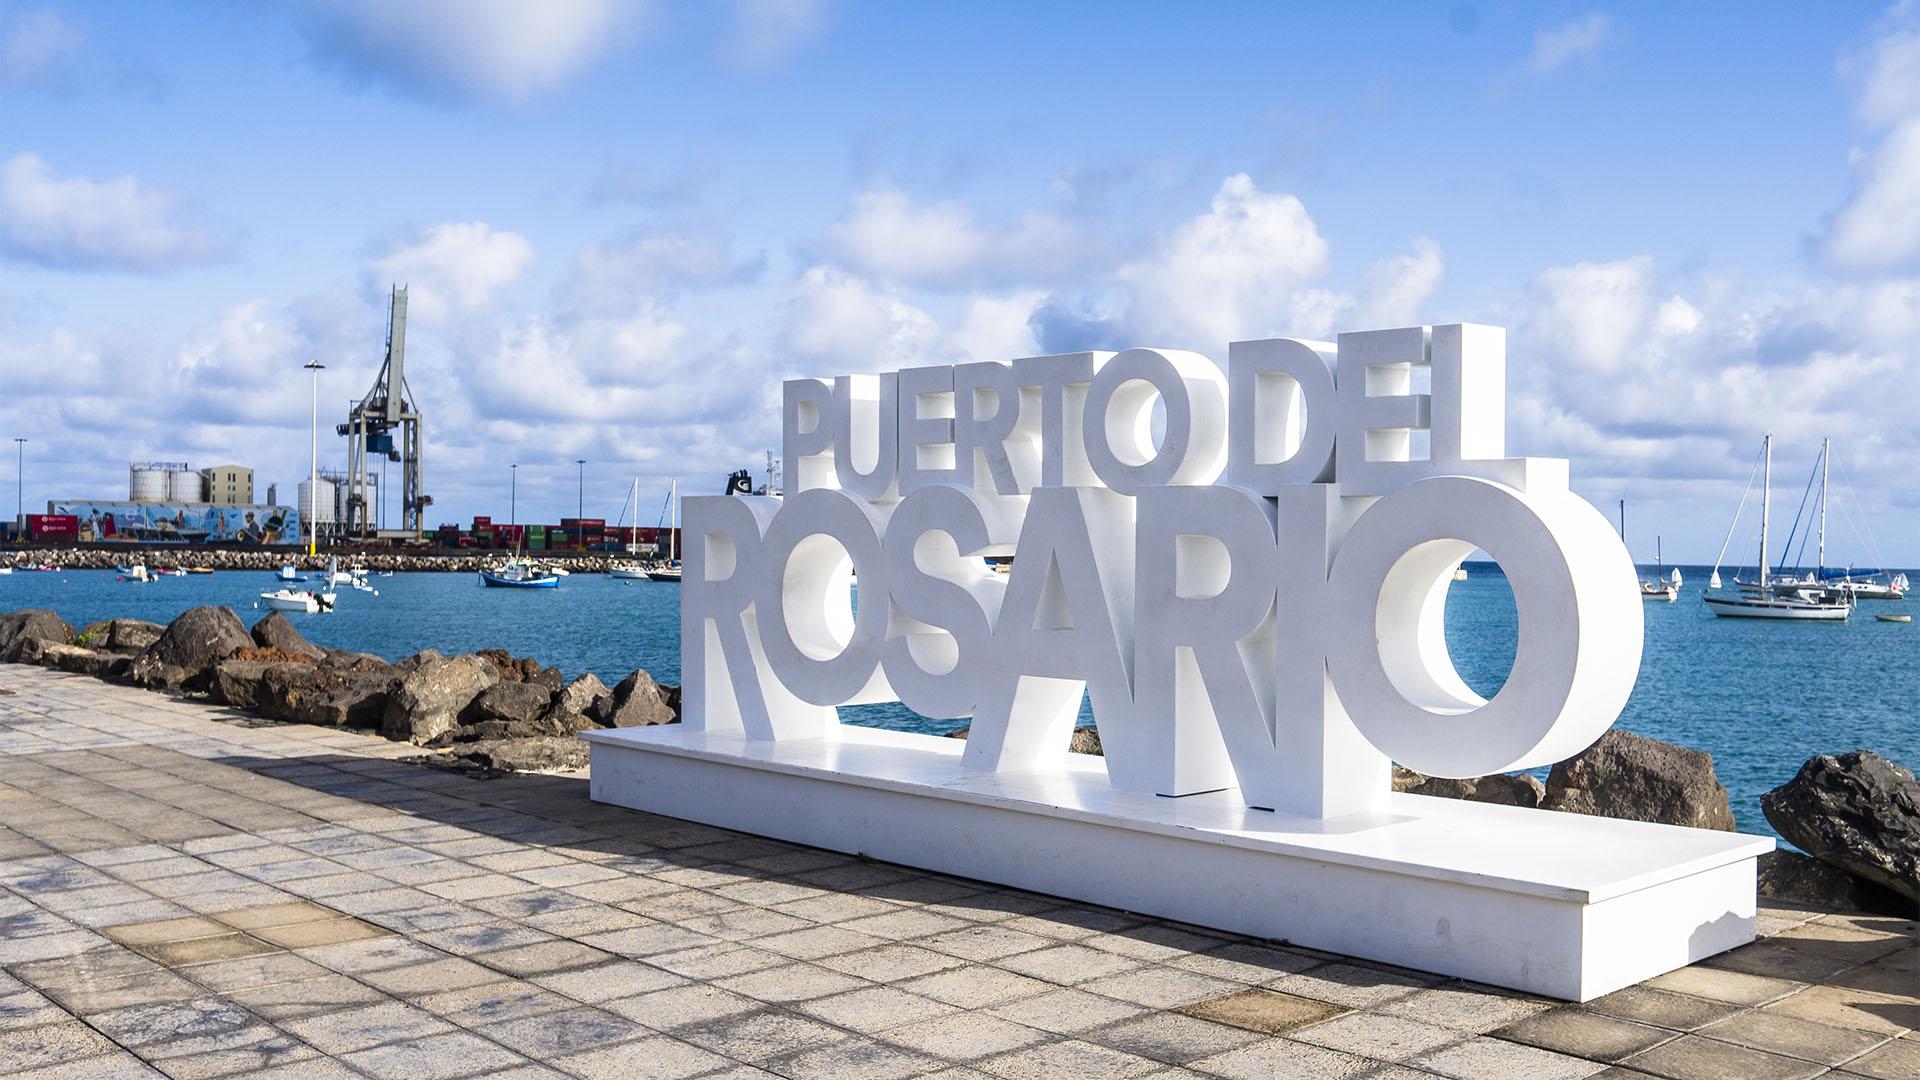 Der Paseo von Puerto del Rosario Fuerteventura.